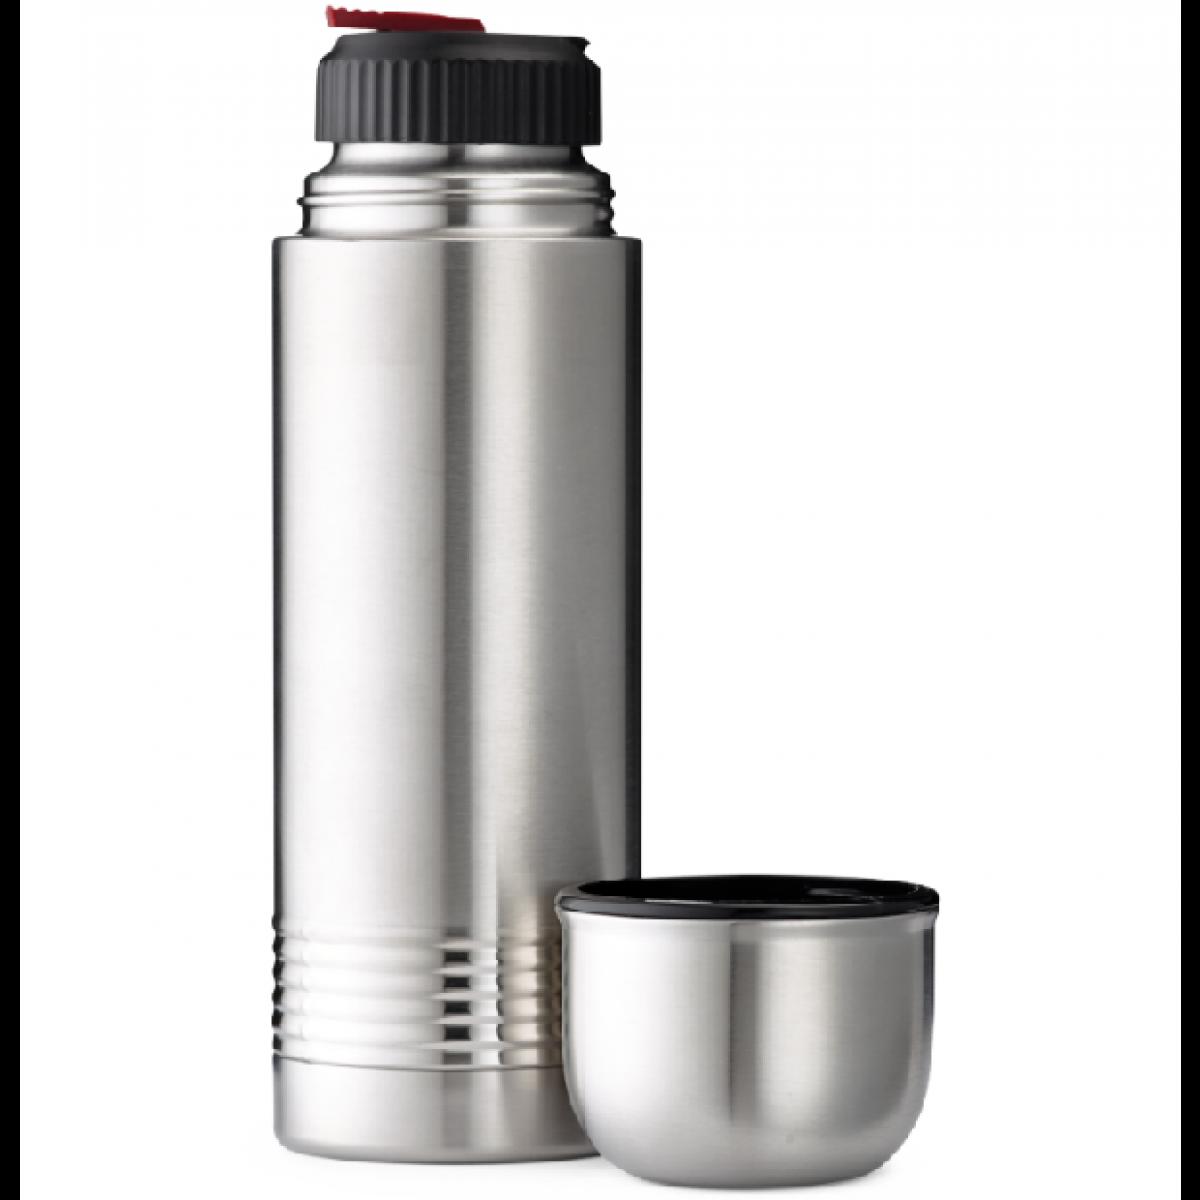 EMSA Senator termoflaske 0,7 ltr